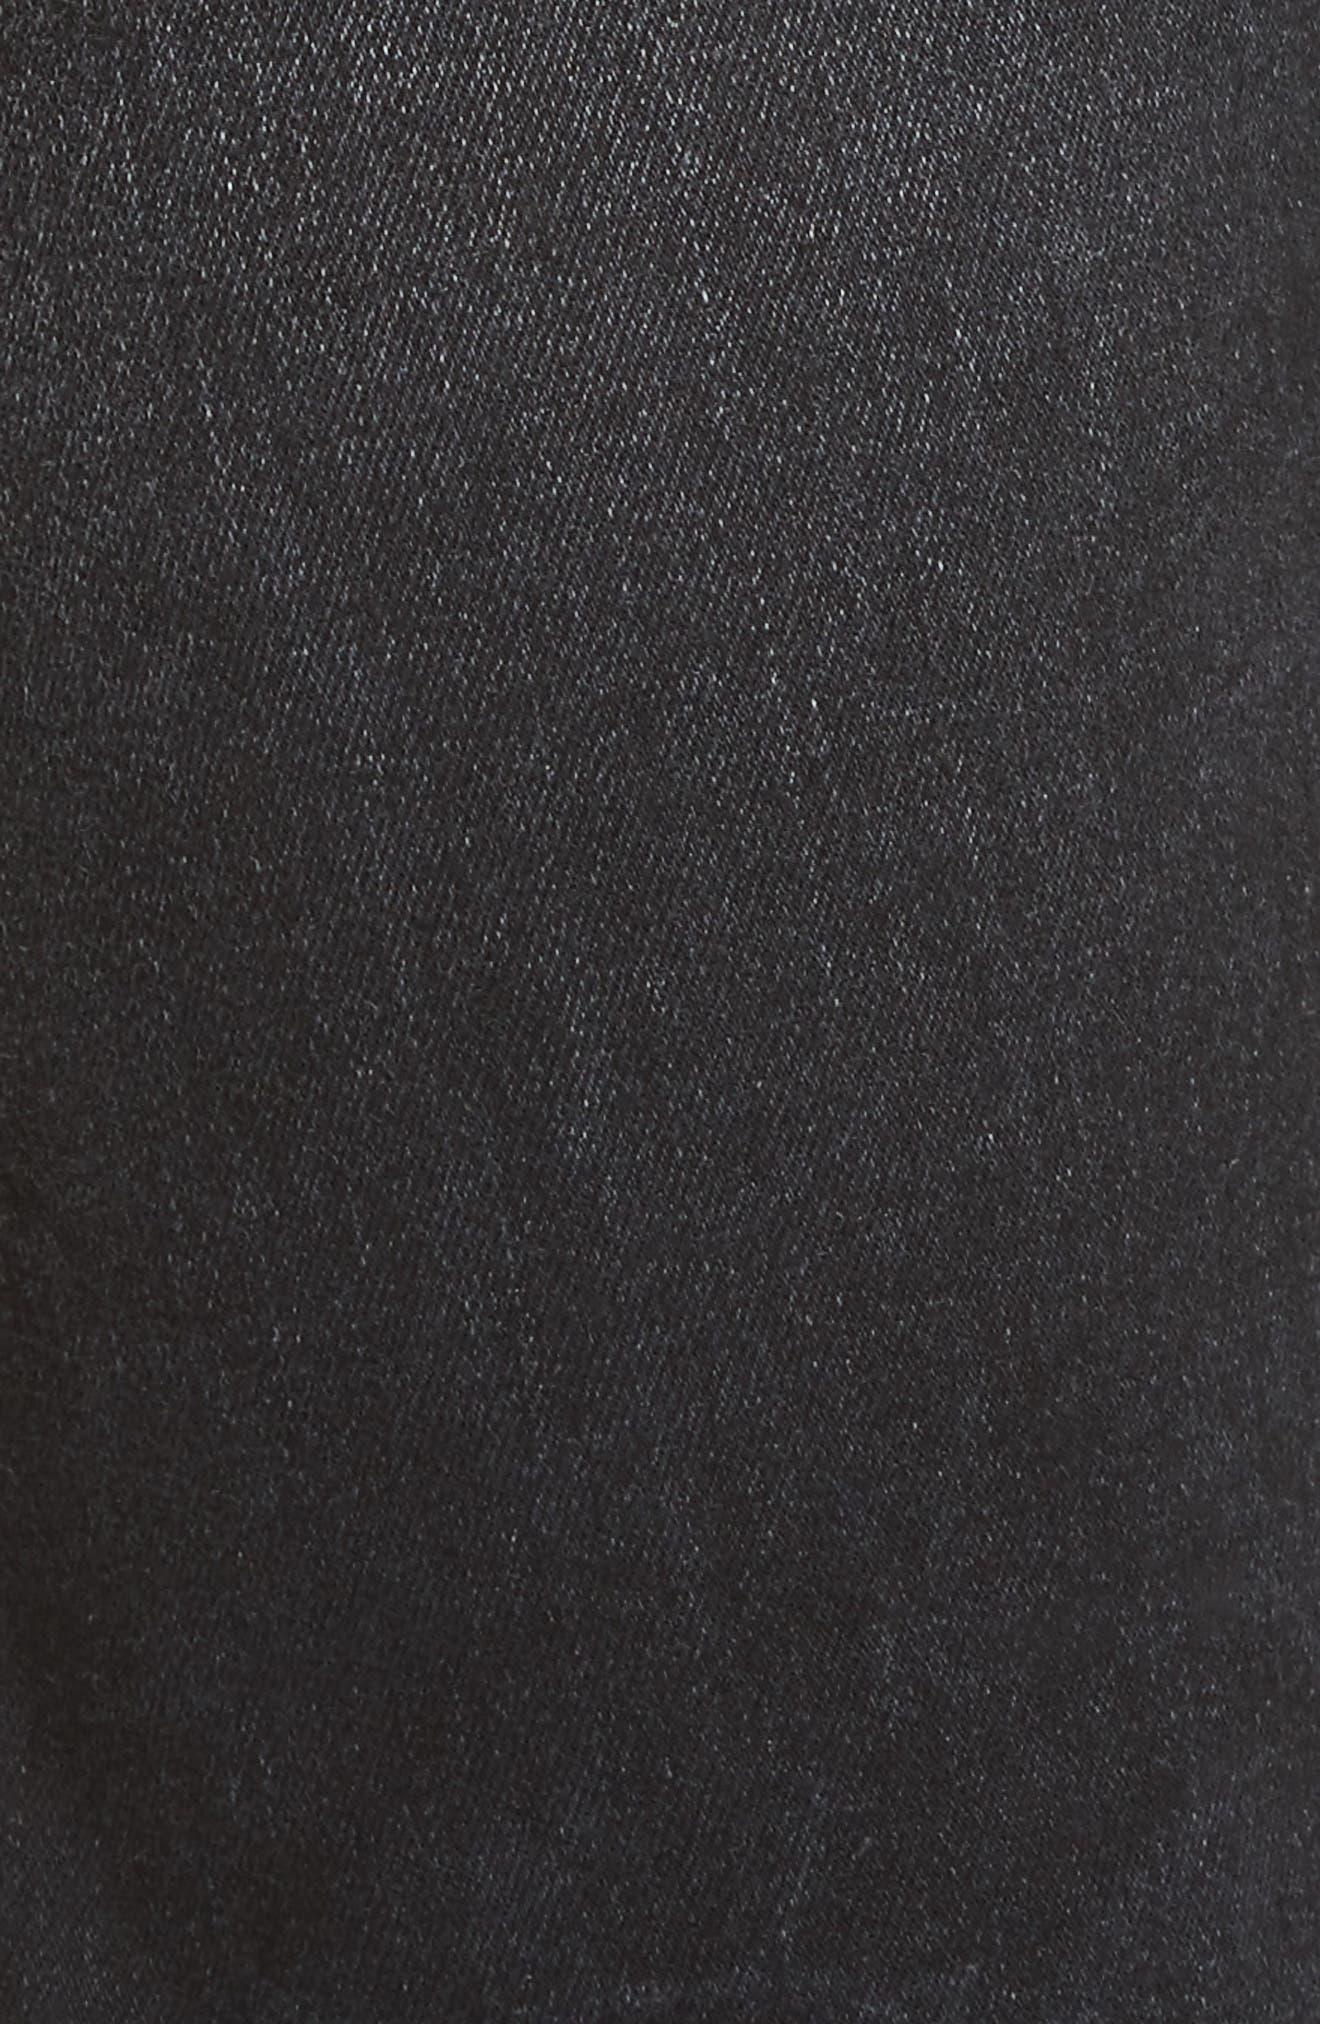 Skate Jeans,                             Alternate thumbnail 5, color,                             001